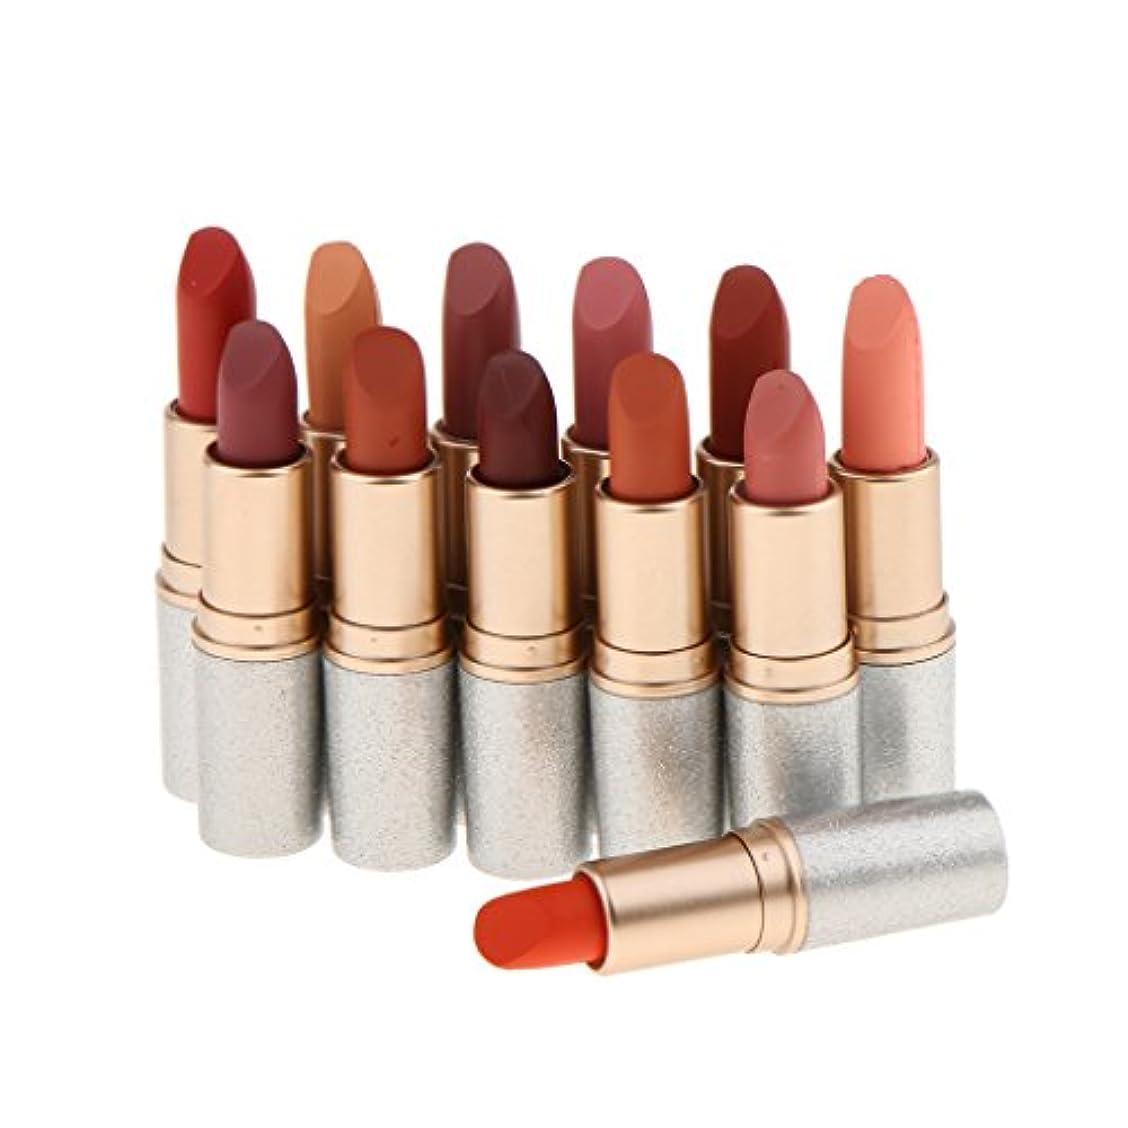 興味大工厄介なSONONIA ベルベットマット 口紅 リップグロス リップスティック 唇メイク 人気色 12色セット コスメ 防水 長持ち